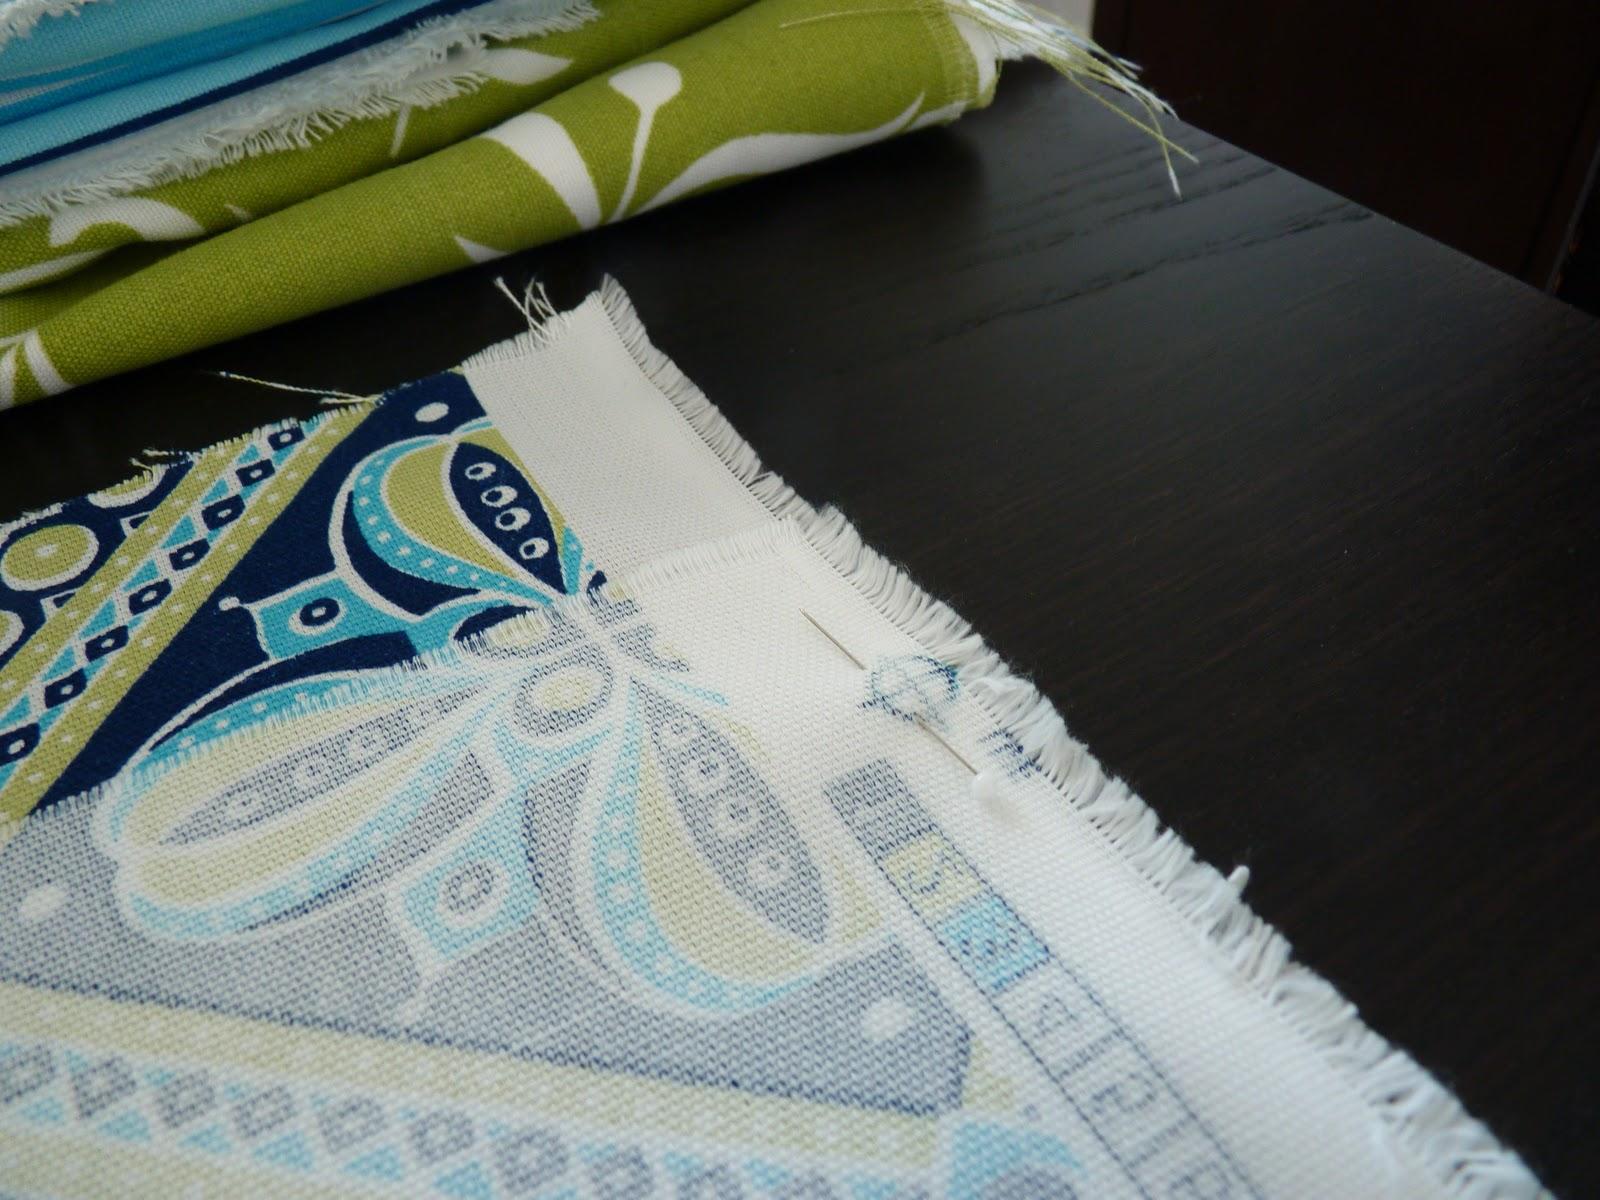 finest tracer la craie la forme de votre coussin pingler votre tissu pour quuil reste bien. Black Bedroom Furniture Sets. Home Design Ideas